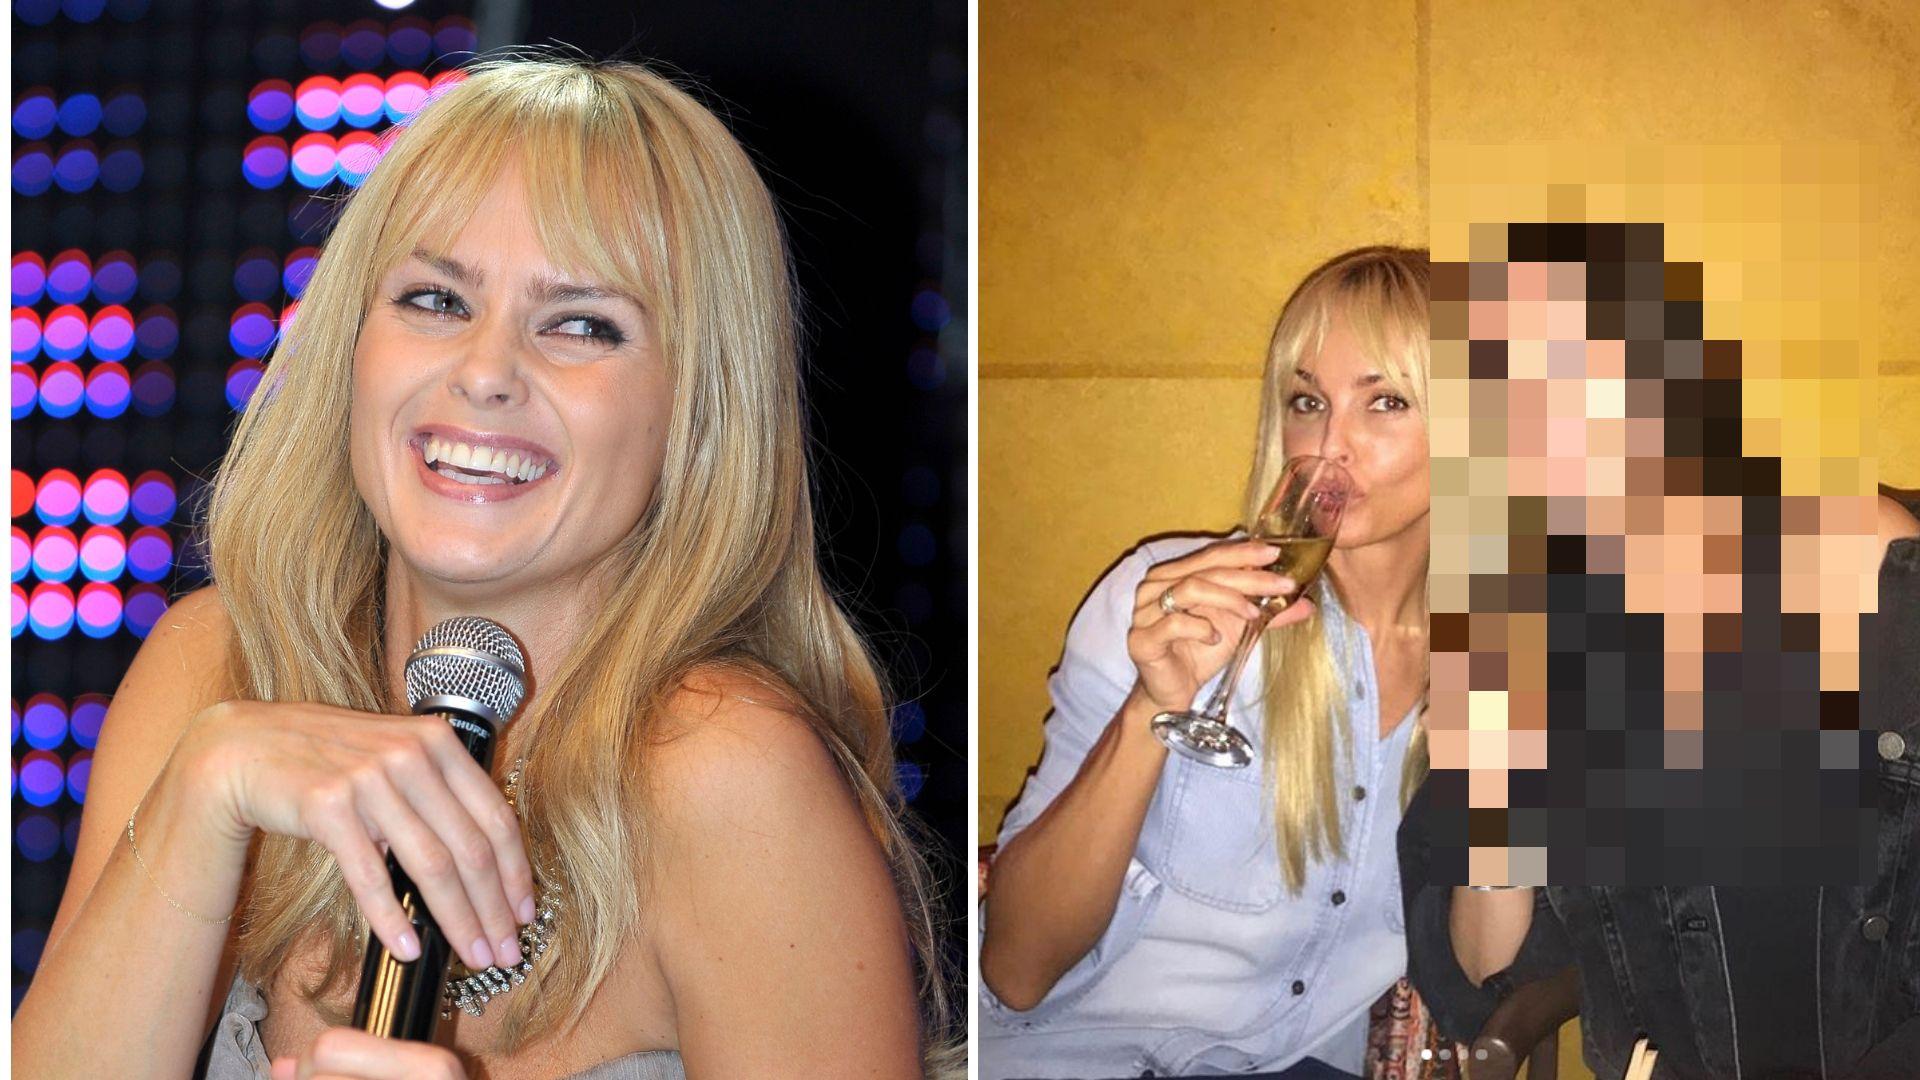 Izabella Scorupco pokazała zdjęcie z córką. 21-letnia Julia piękniejsza od mamy?